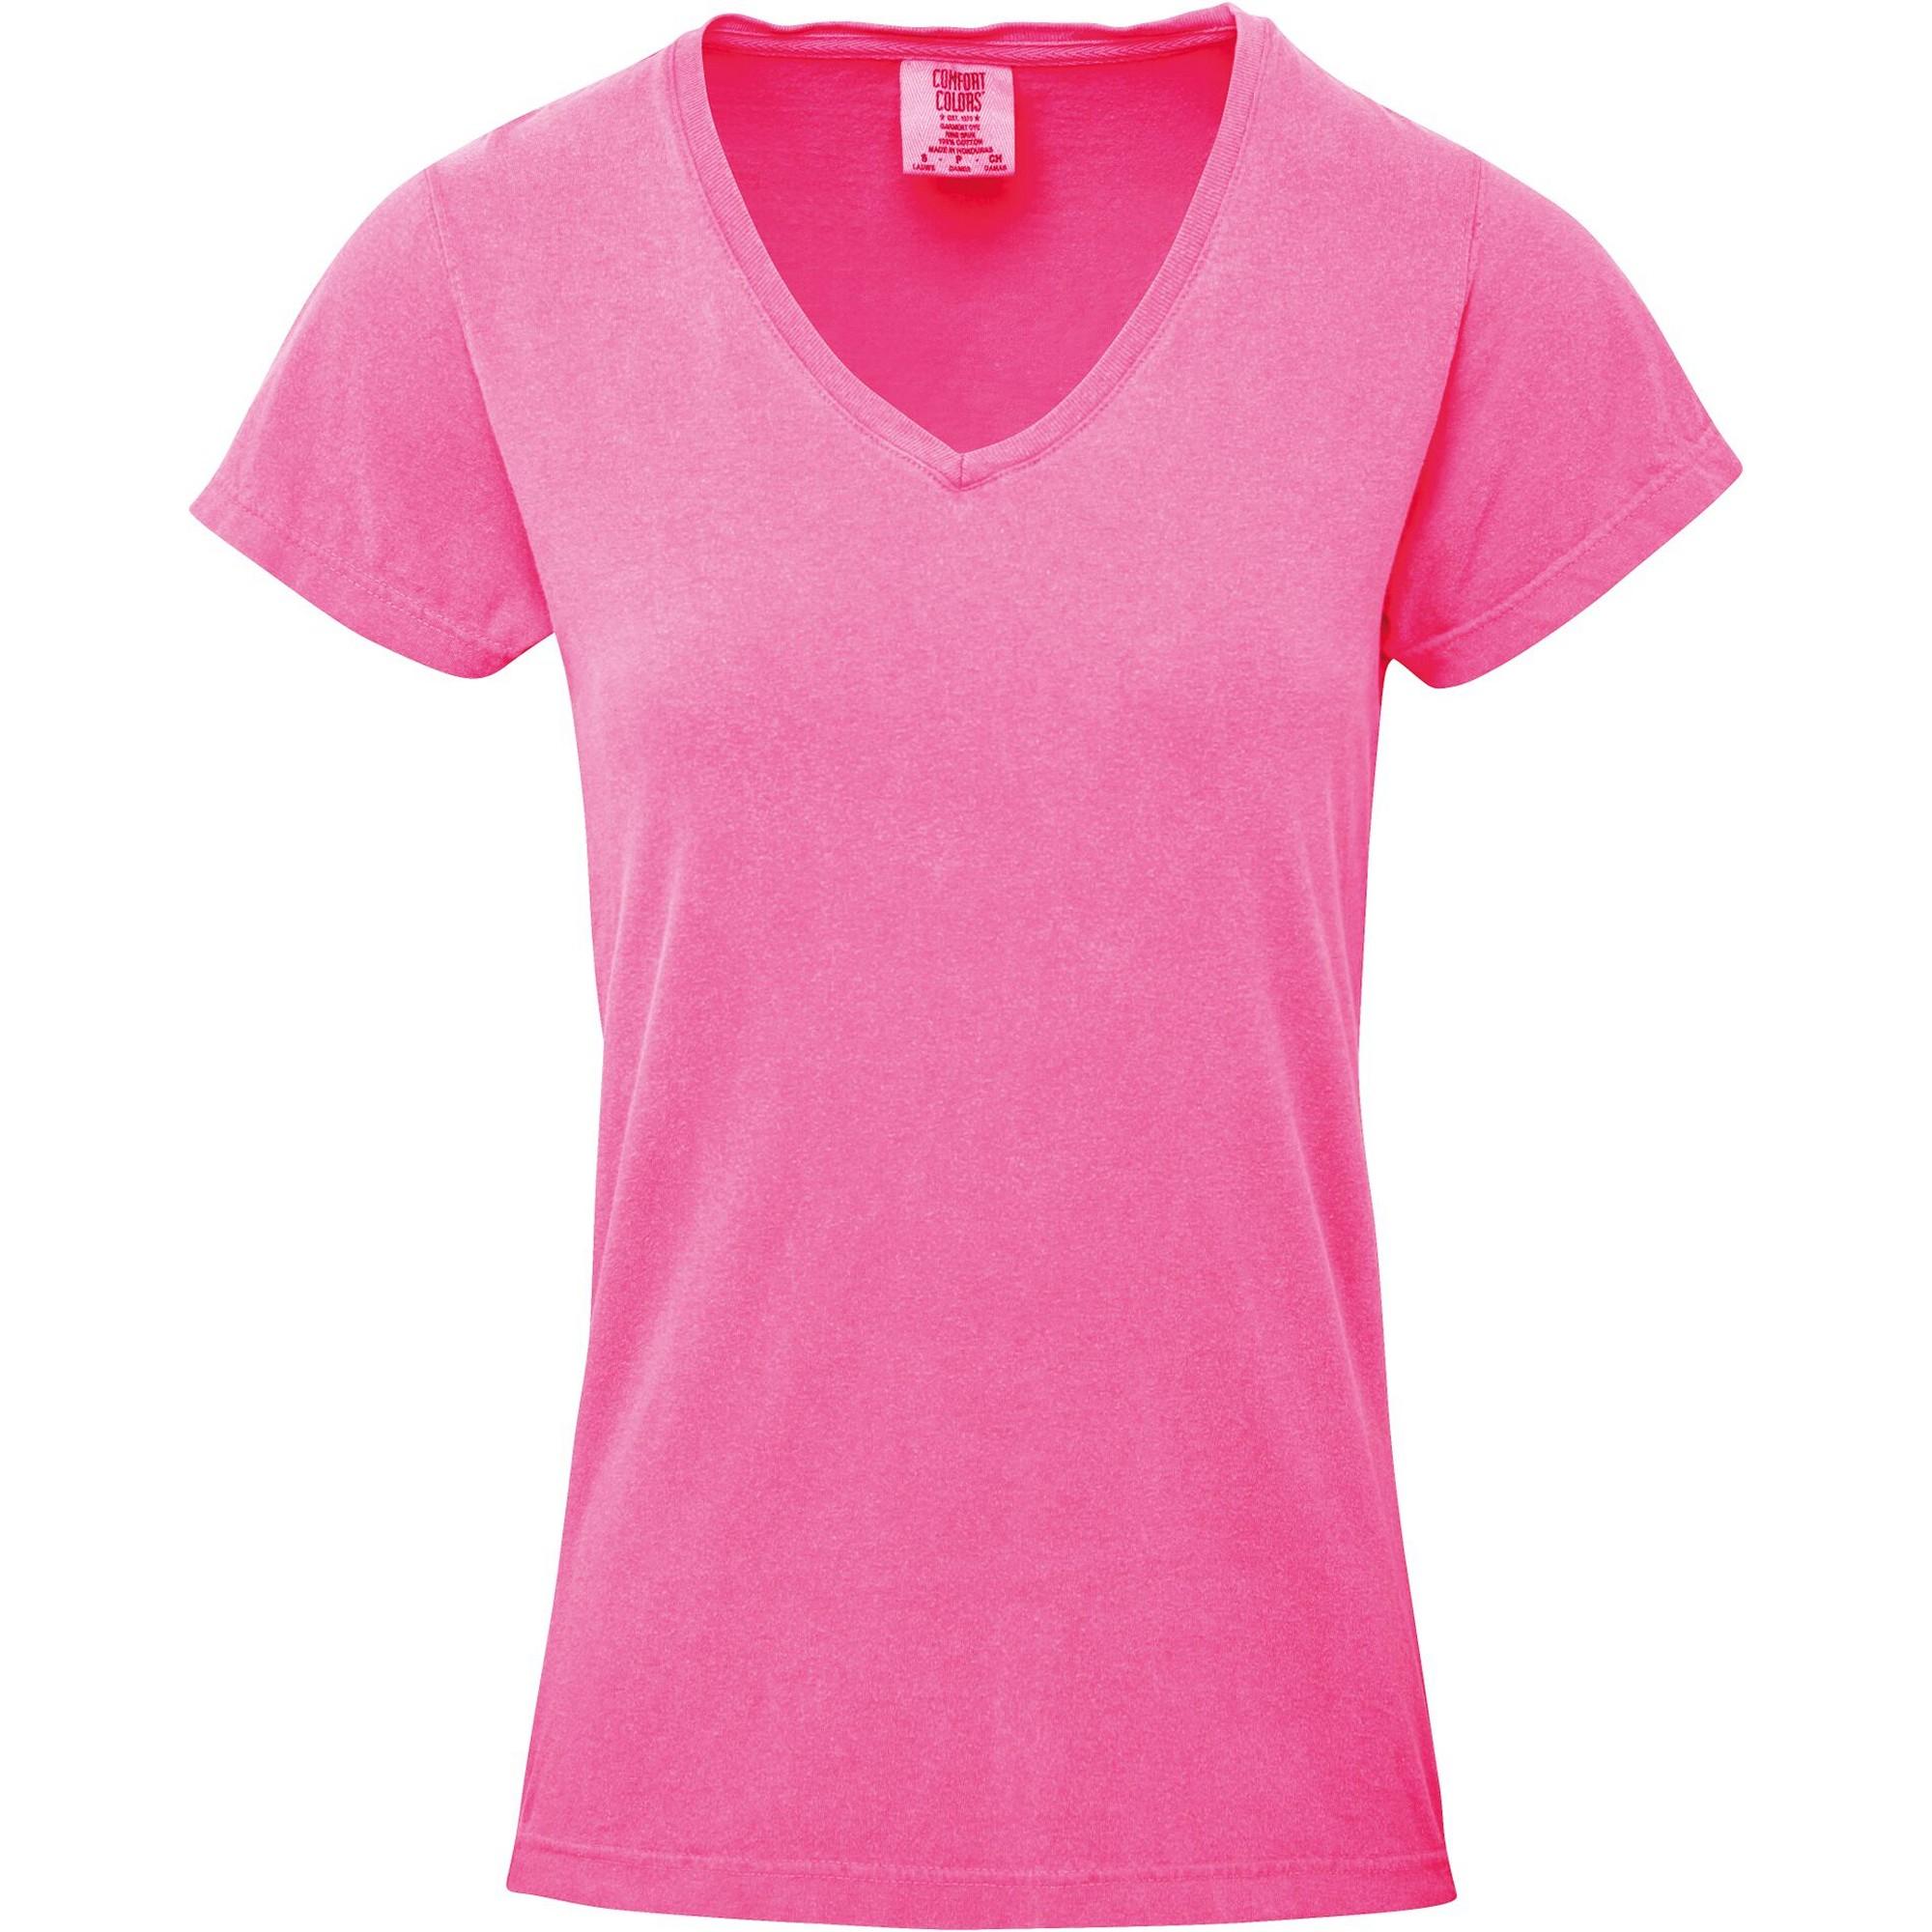 Comfort-Colors-Camiseta-con-cuello-en-V-para-mujer-PC3150